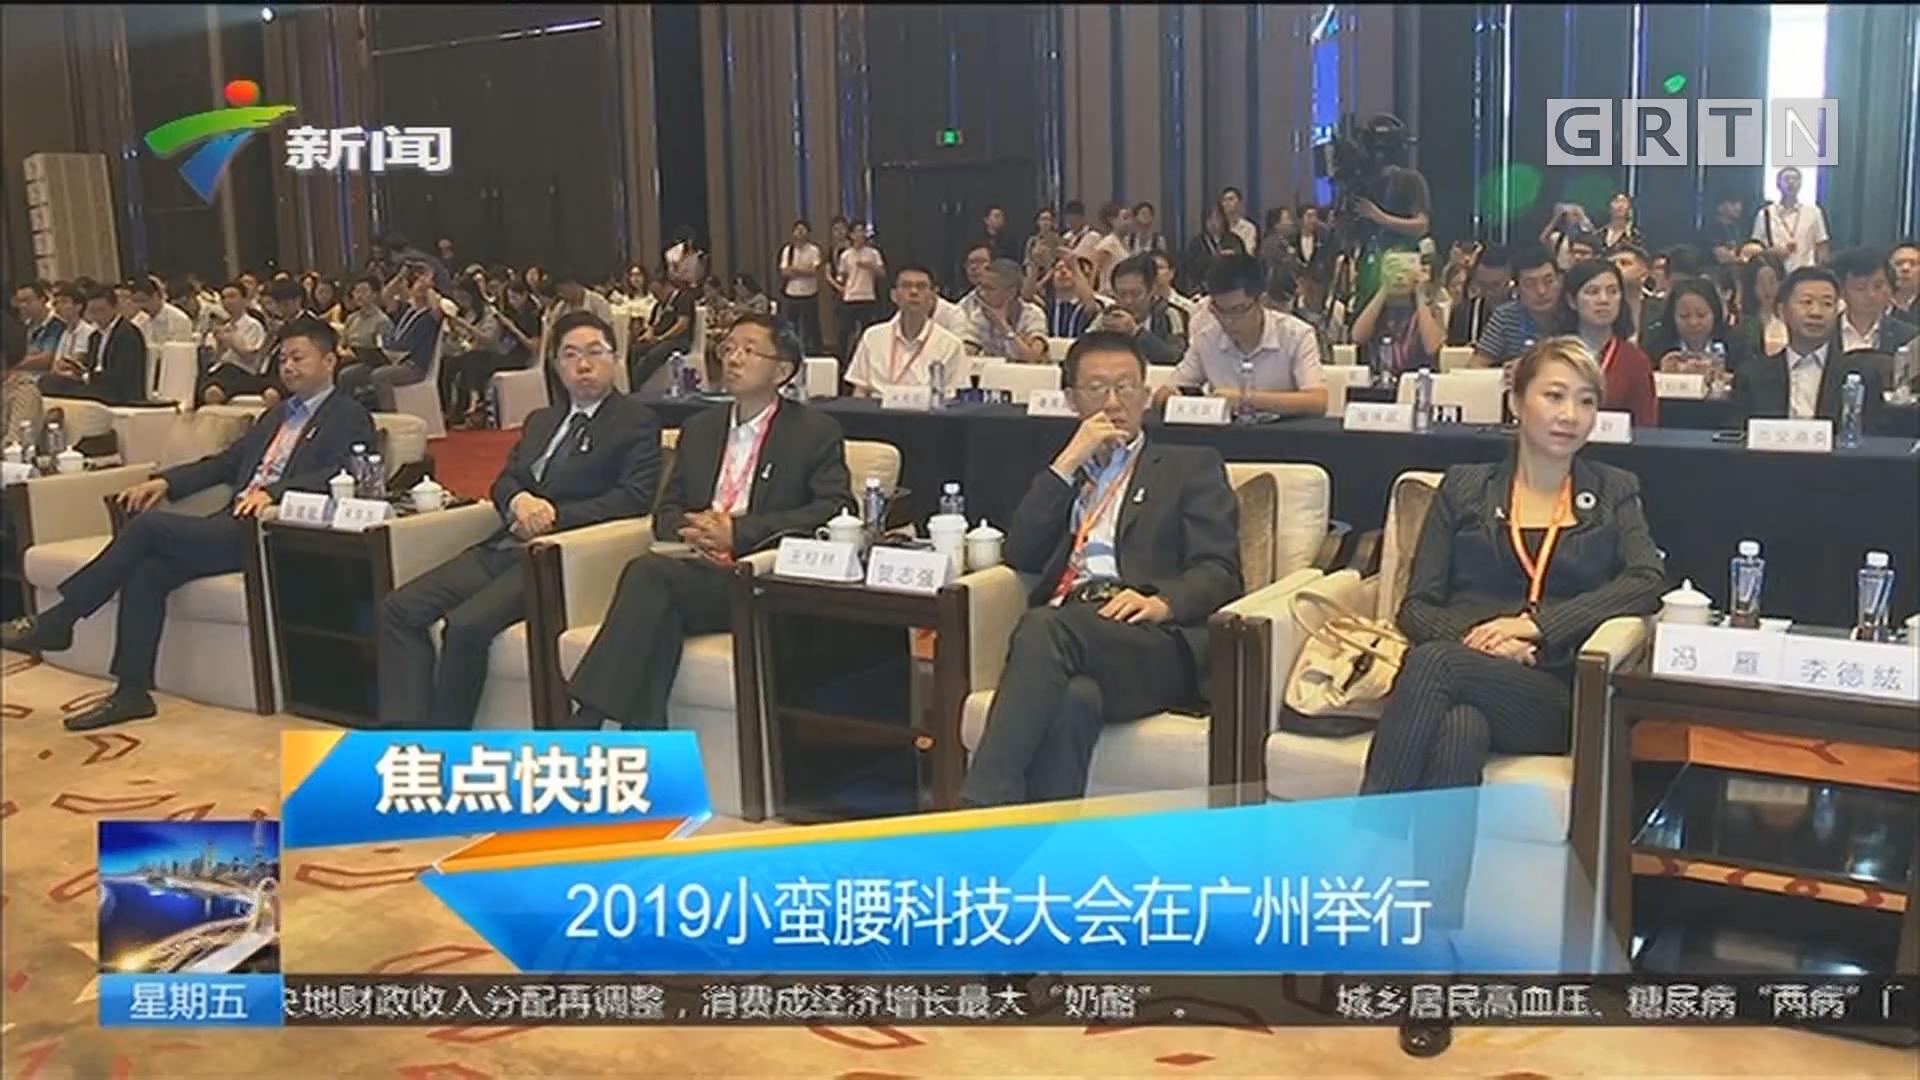 2019小蛮腰科技大会在广州举行